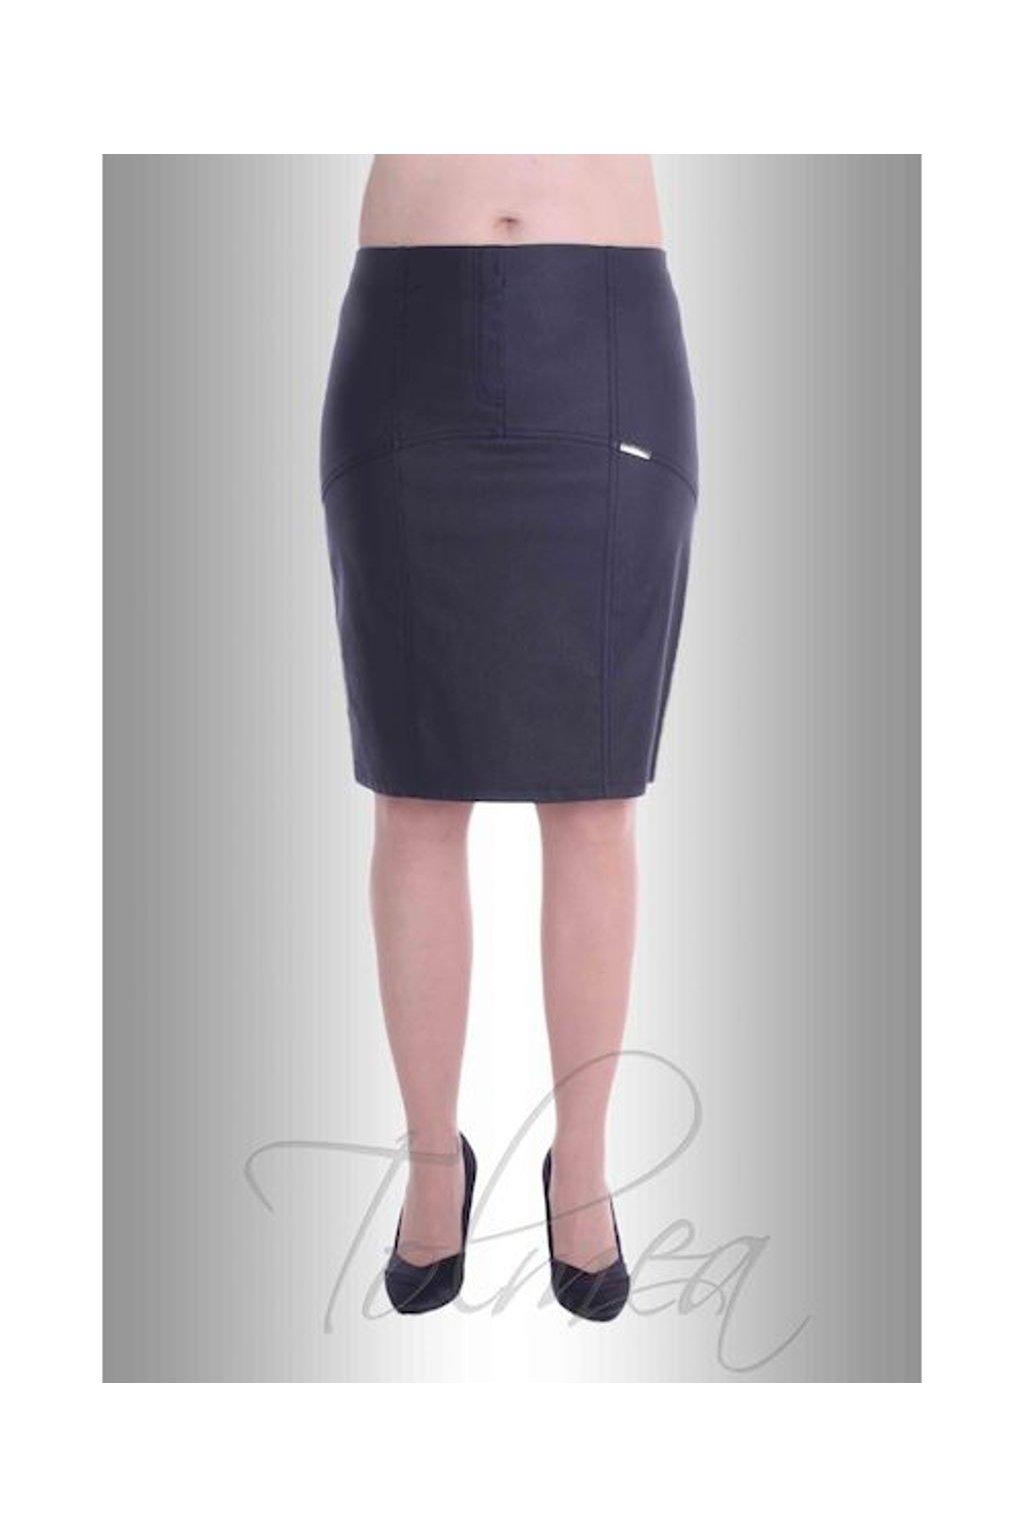 Sukně členěná kožený vzhled 6217 (Velikost 36, Barva Černá)